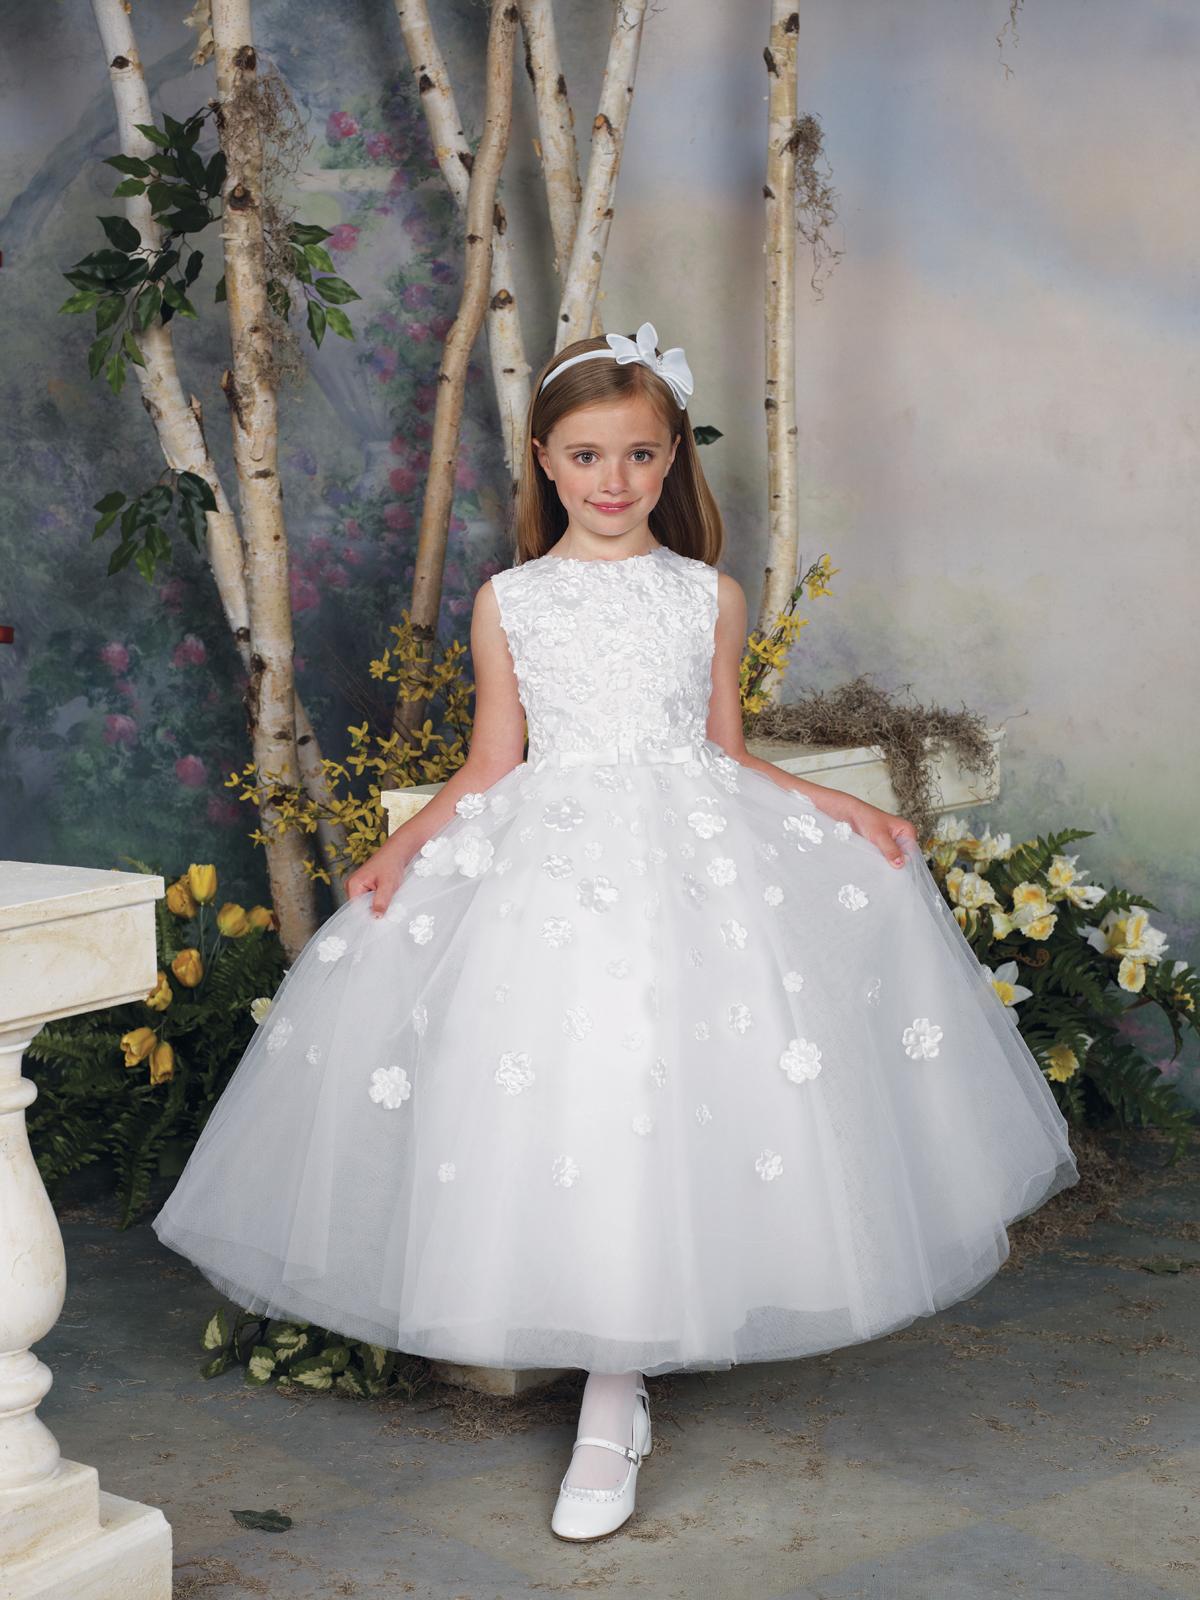 بالصور فساتين اطفال من الانستقرام , صور اجمل فستان للبنوتة 3132 4